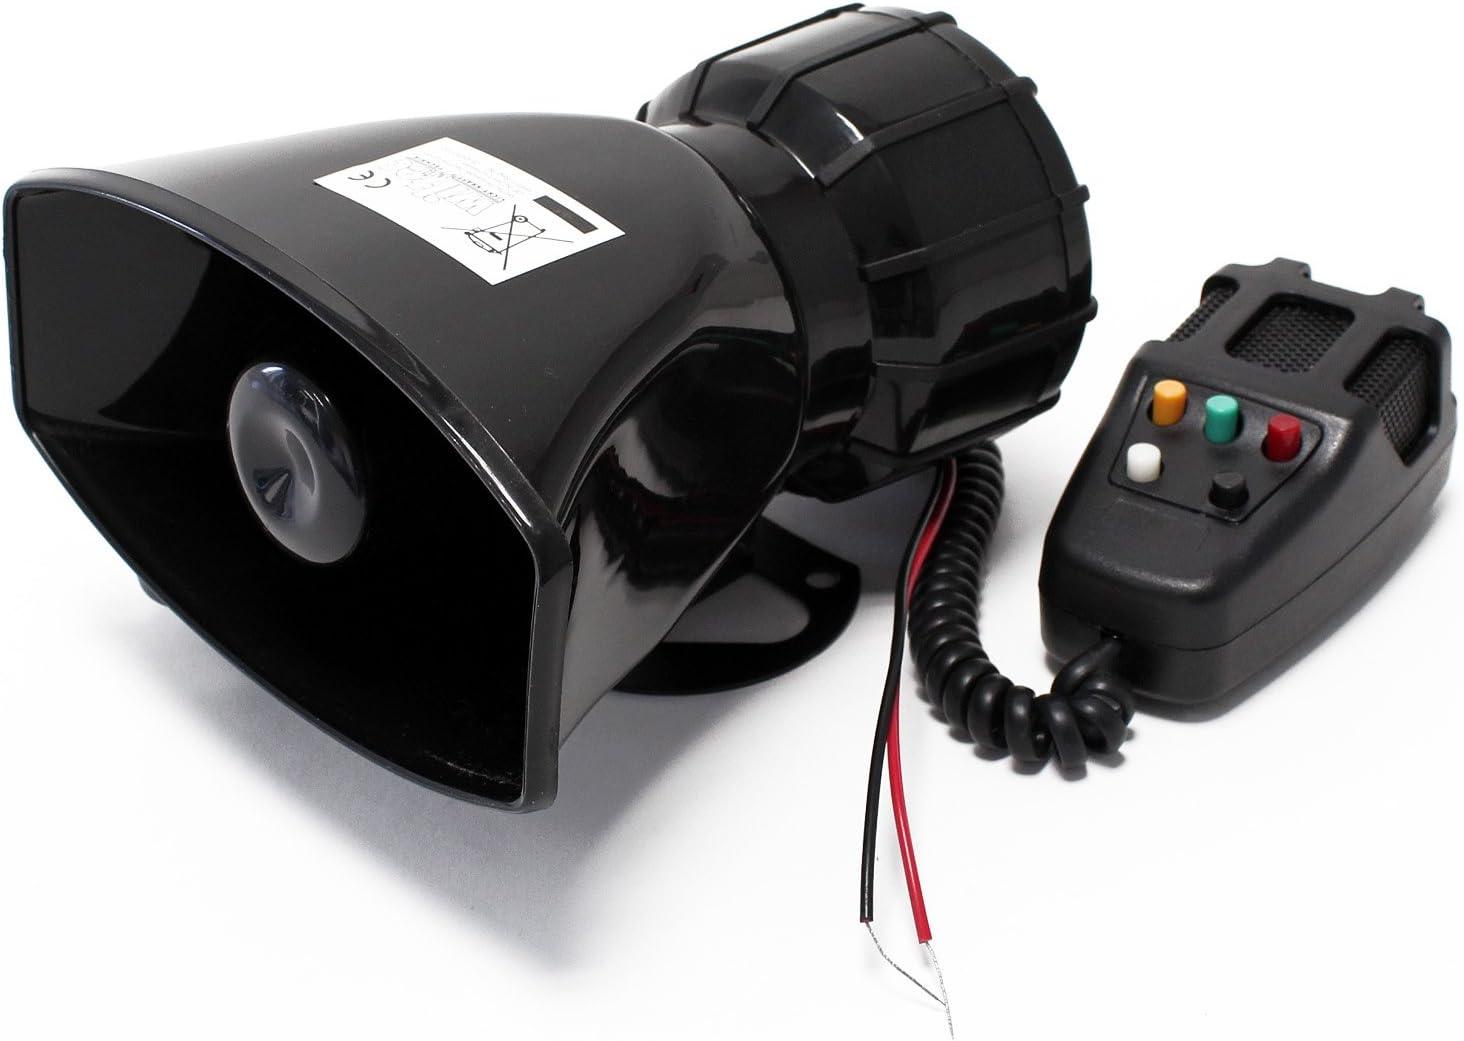 Sirena acústica de 5 tonos 60W 130dB - Señal de emergencia de ambulancia de la policía de los EE.UU.: Amazon.es: Coche y moto